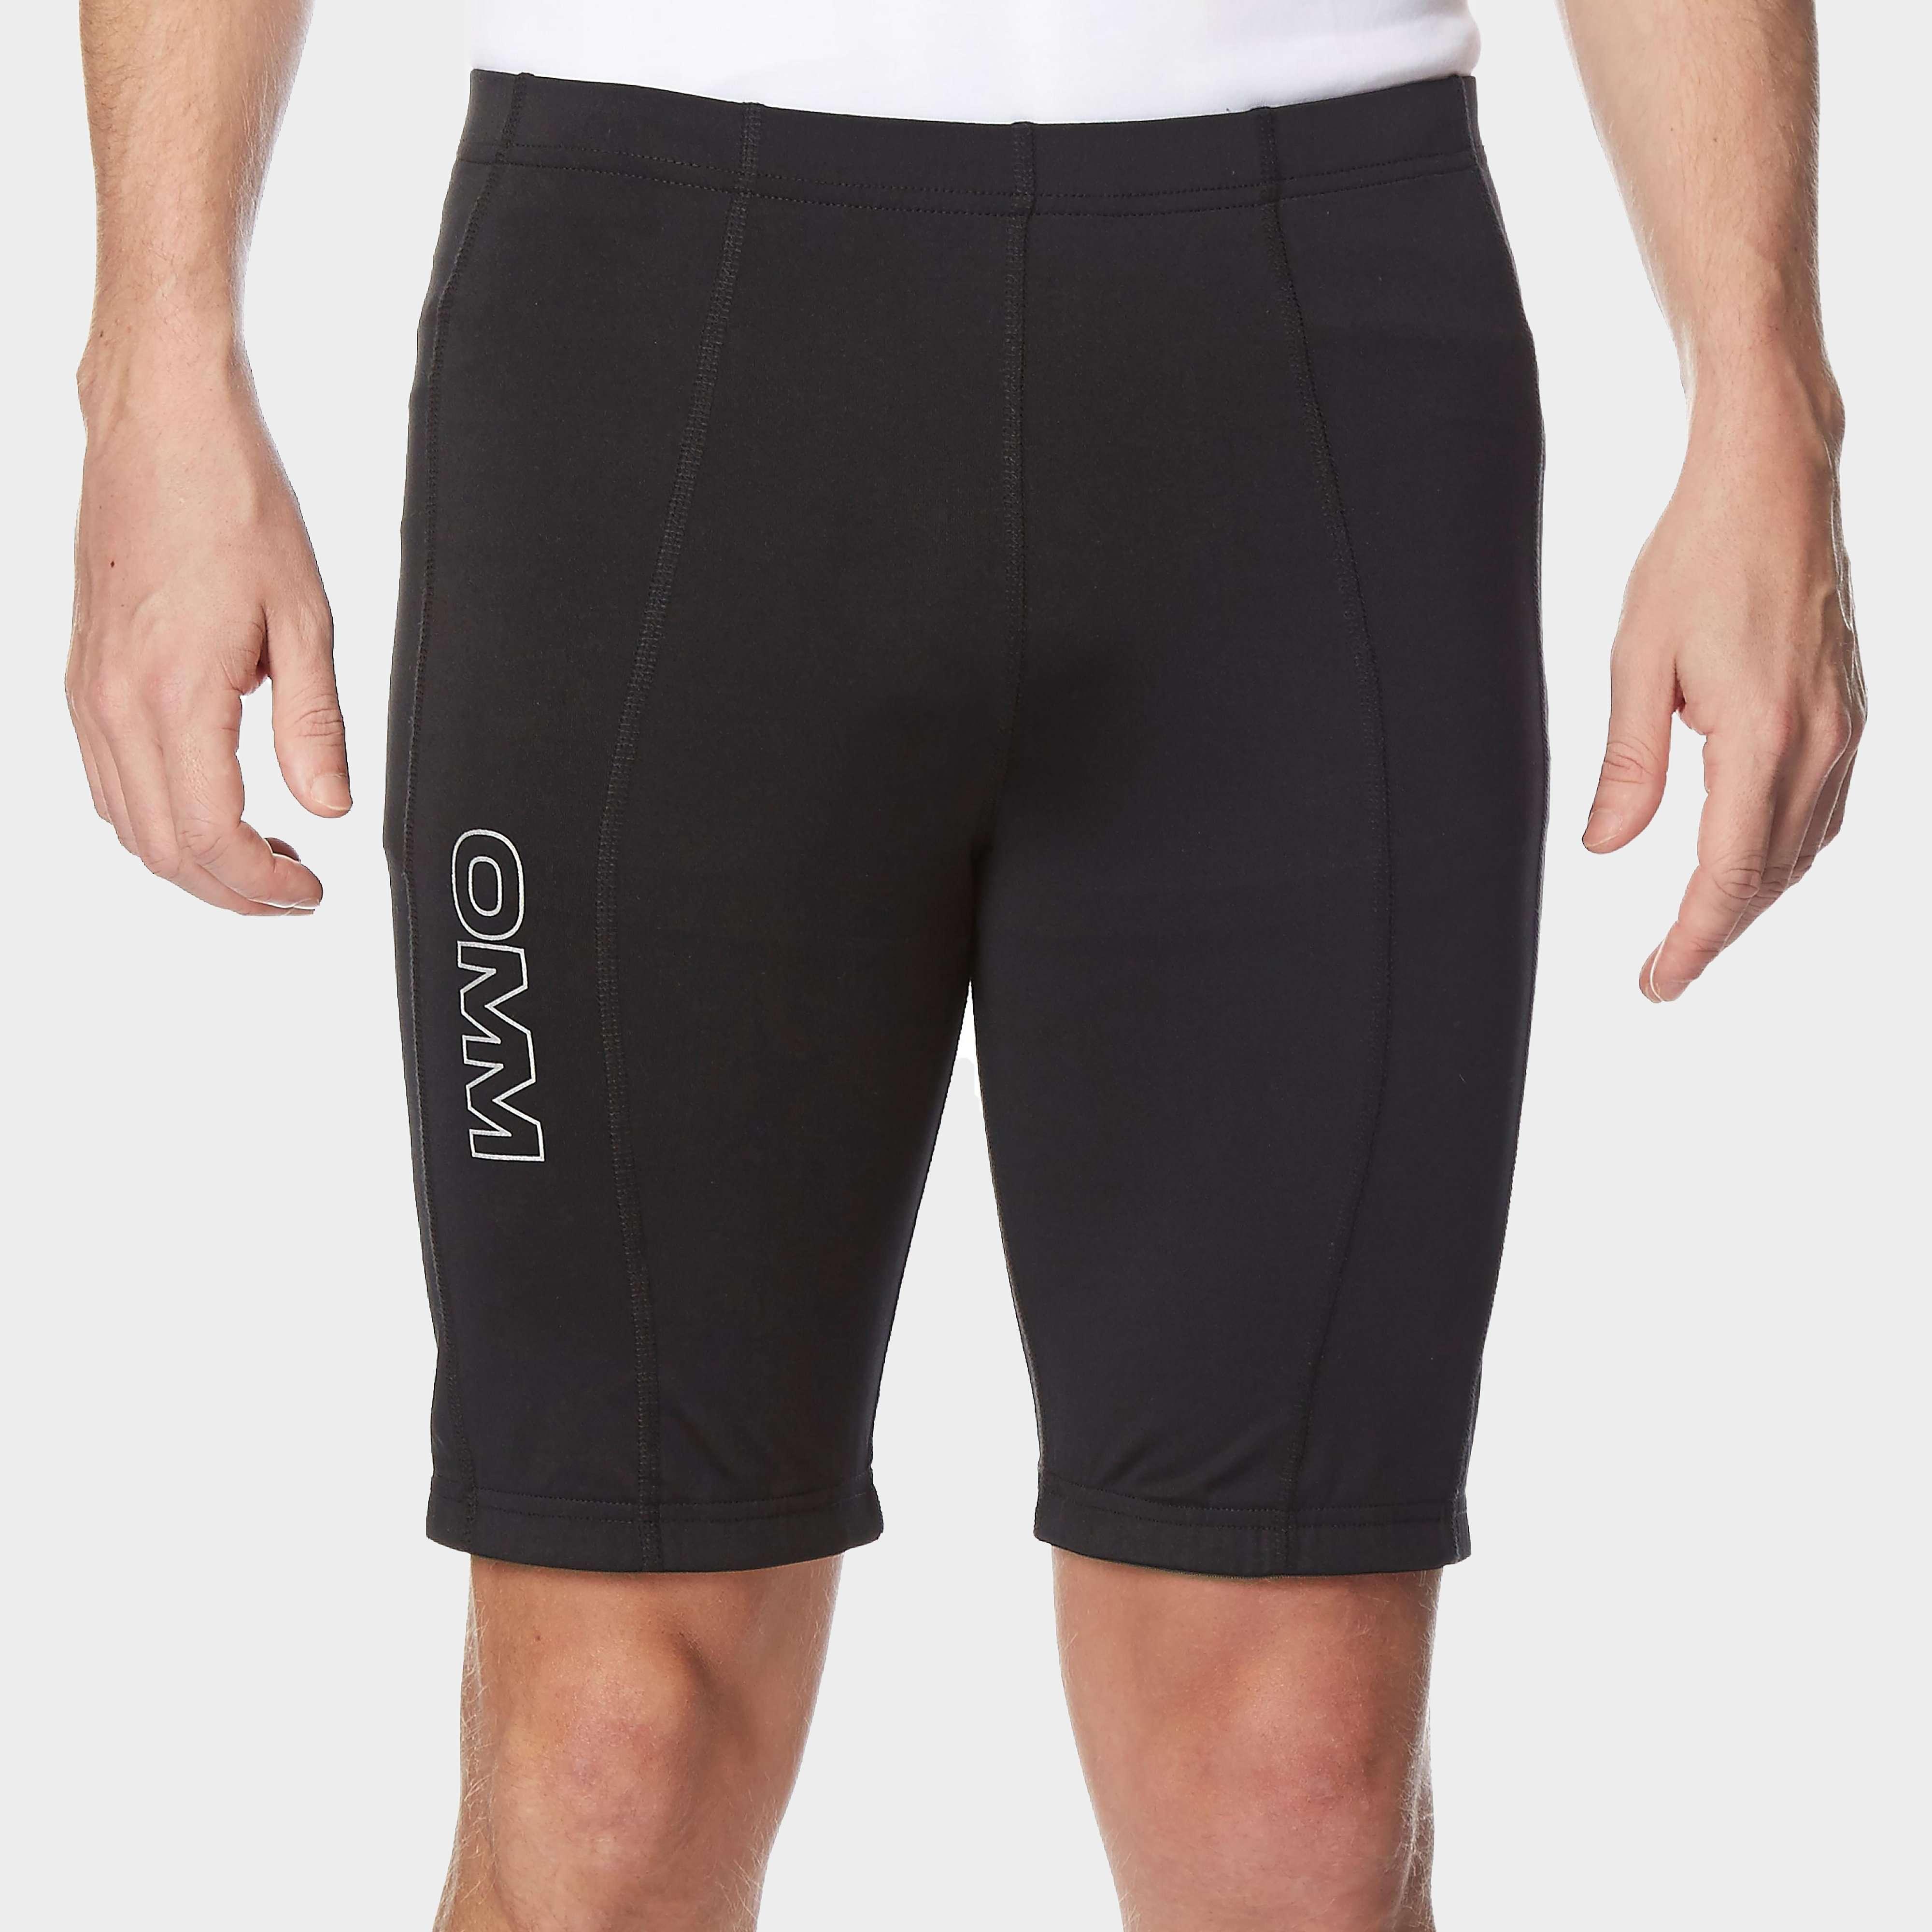 OMM Men's Flash 0.5 Short Cut Running Leggings